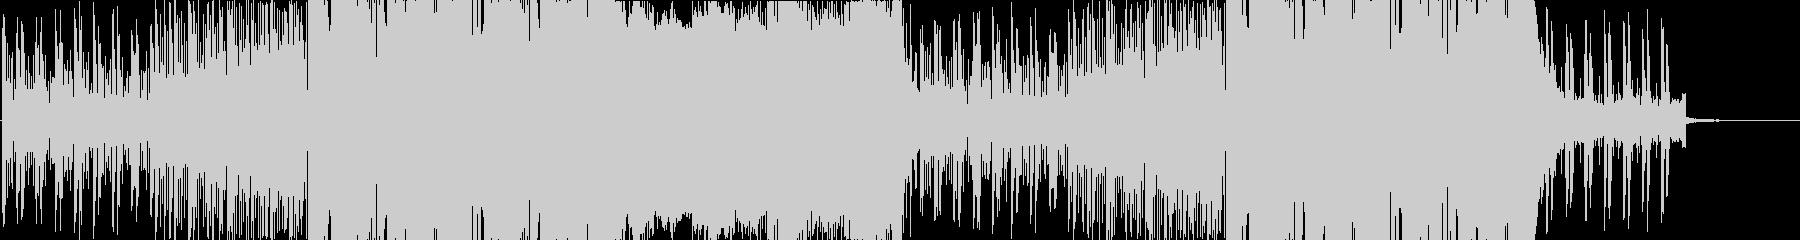 8bitロマンス/ フューチャーベースの未再生の波形